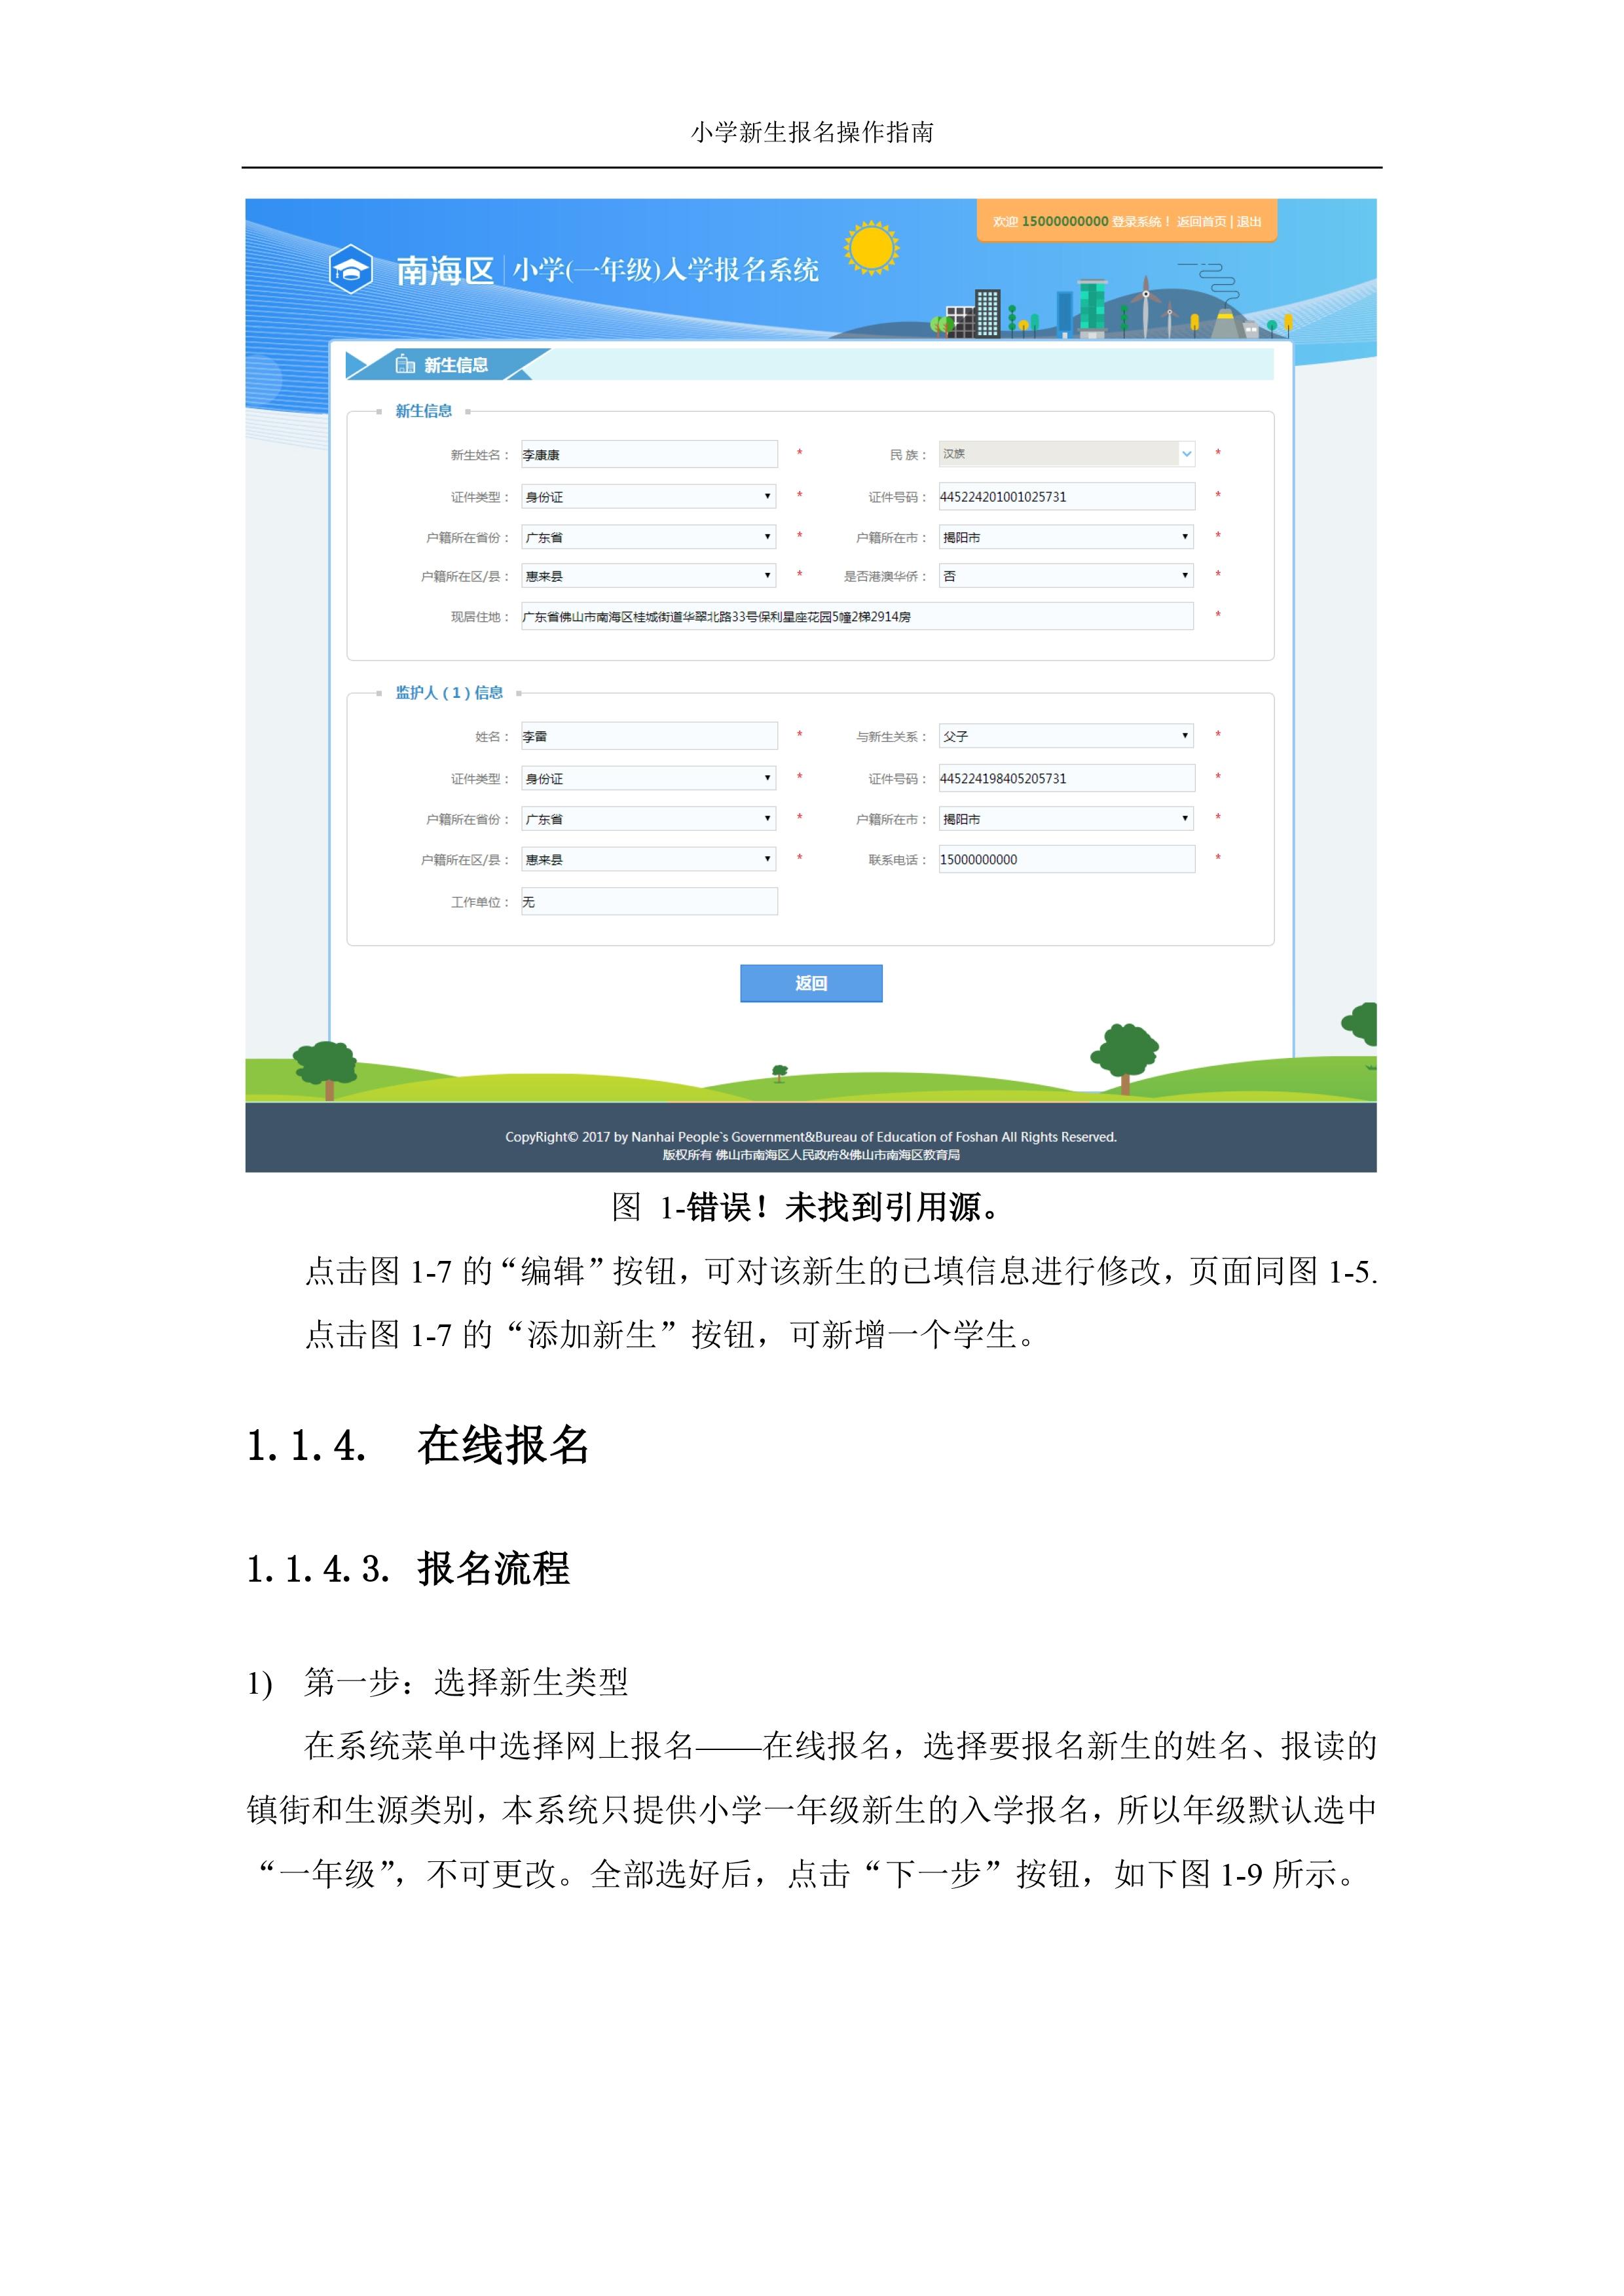 公办小学(一年级)入学服务系统(网上报名)-操作指南-13.jpg